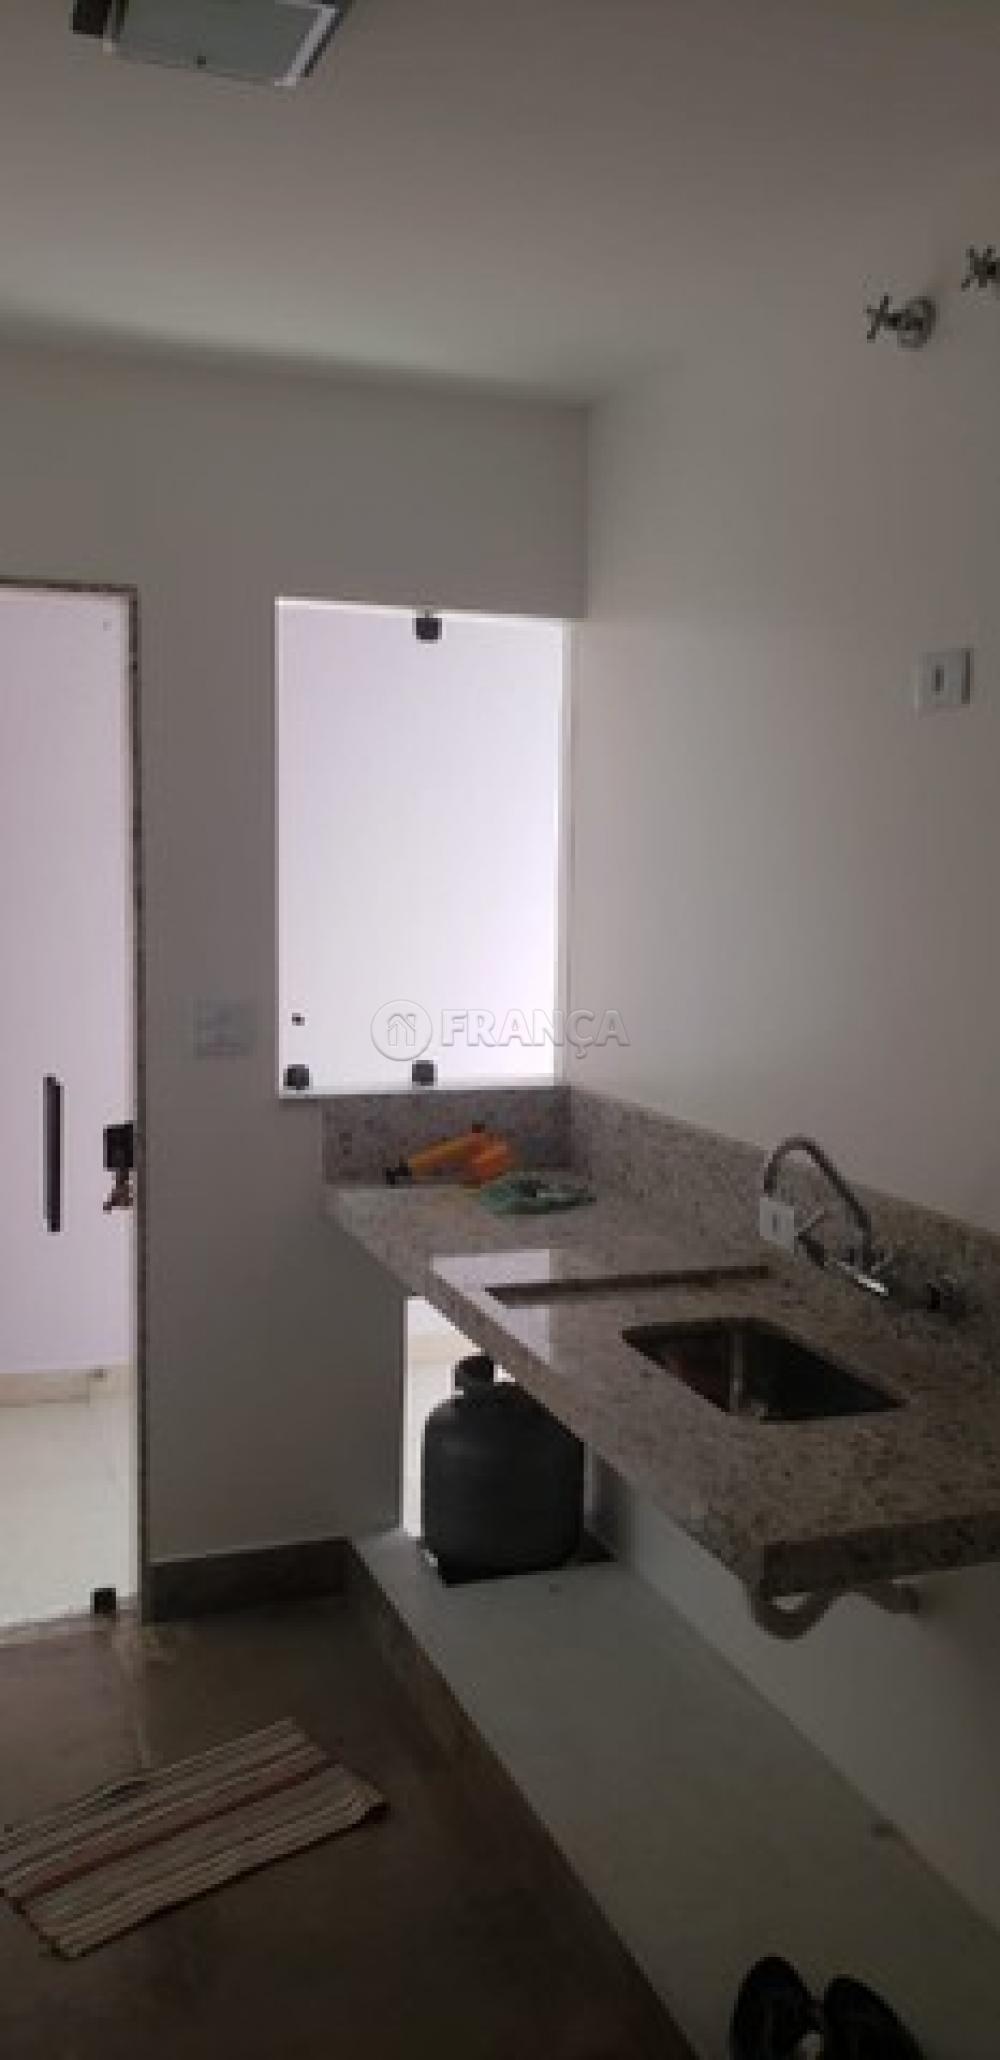 Comprar Casa / Condomínio em Taubaté R$ 420.000,00 - Foto 12